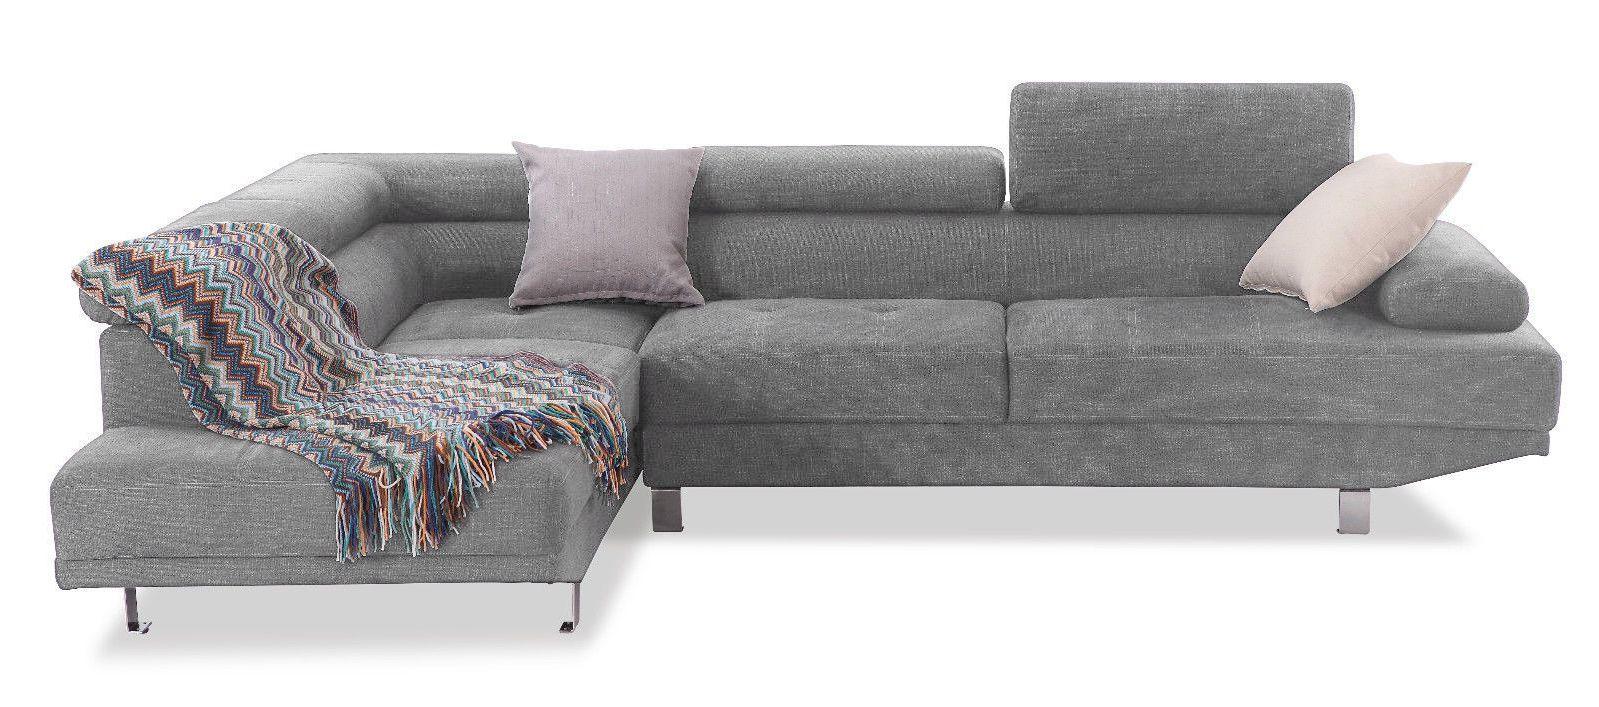 NEWTON, Canapé d'angle fixe, avec repose-têtes en tissus tweed gris